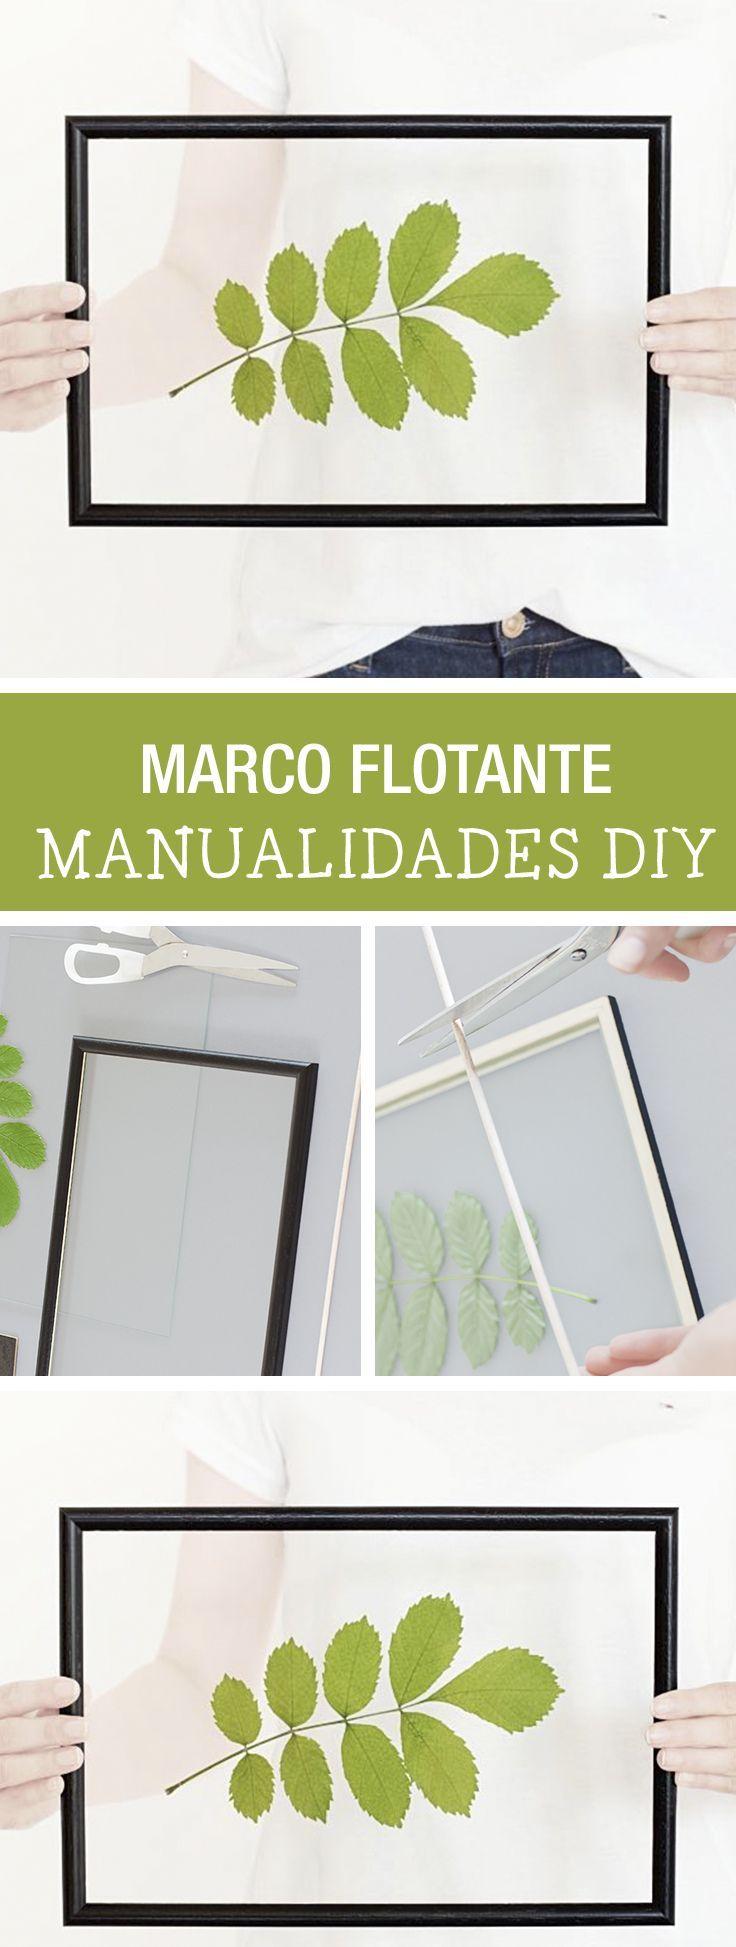 Tutorial DIY - CÓMO HACER UN MARCO FLOTANTE - Manualidades en DaWanda.es